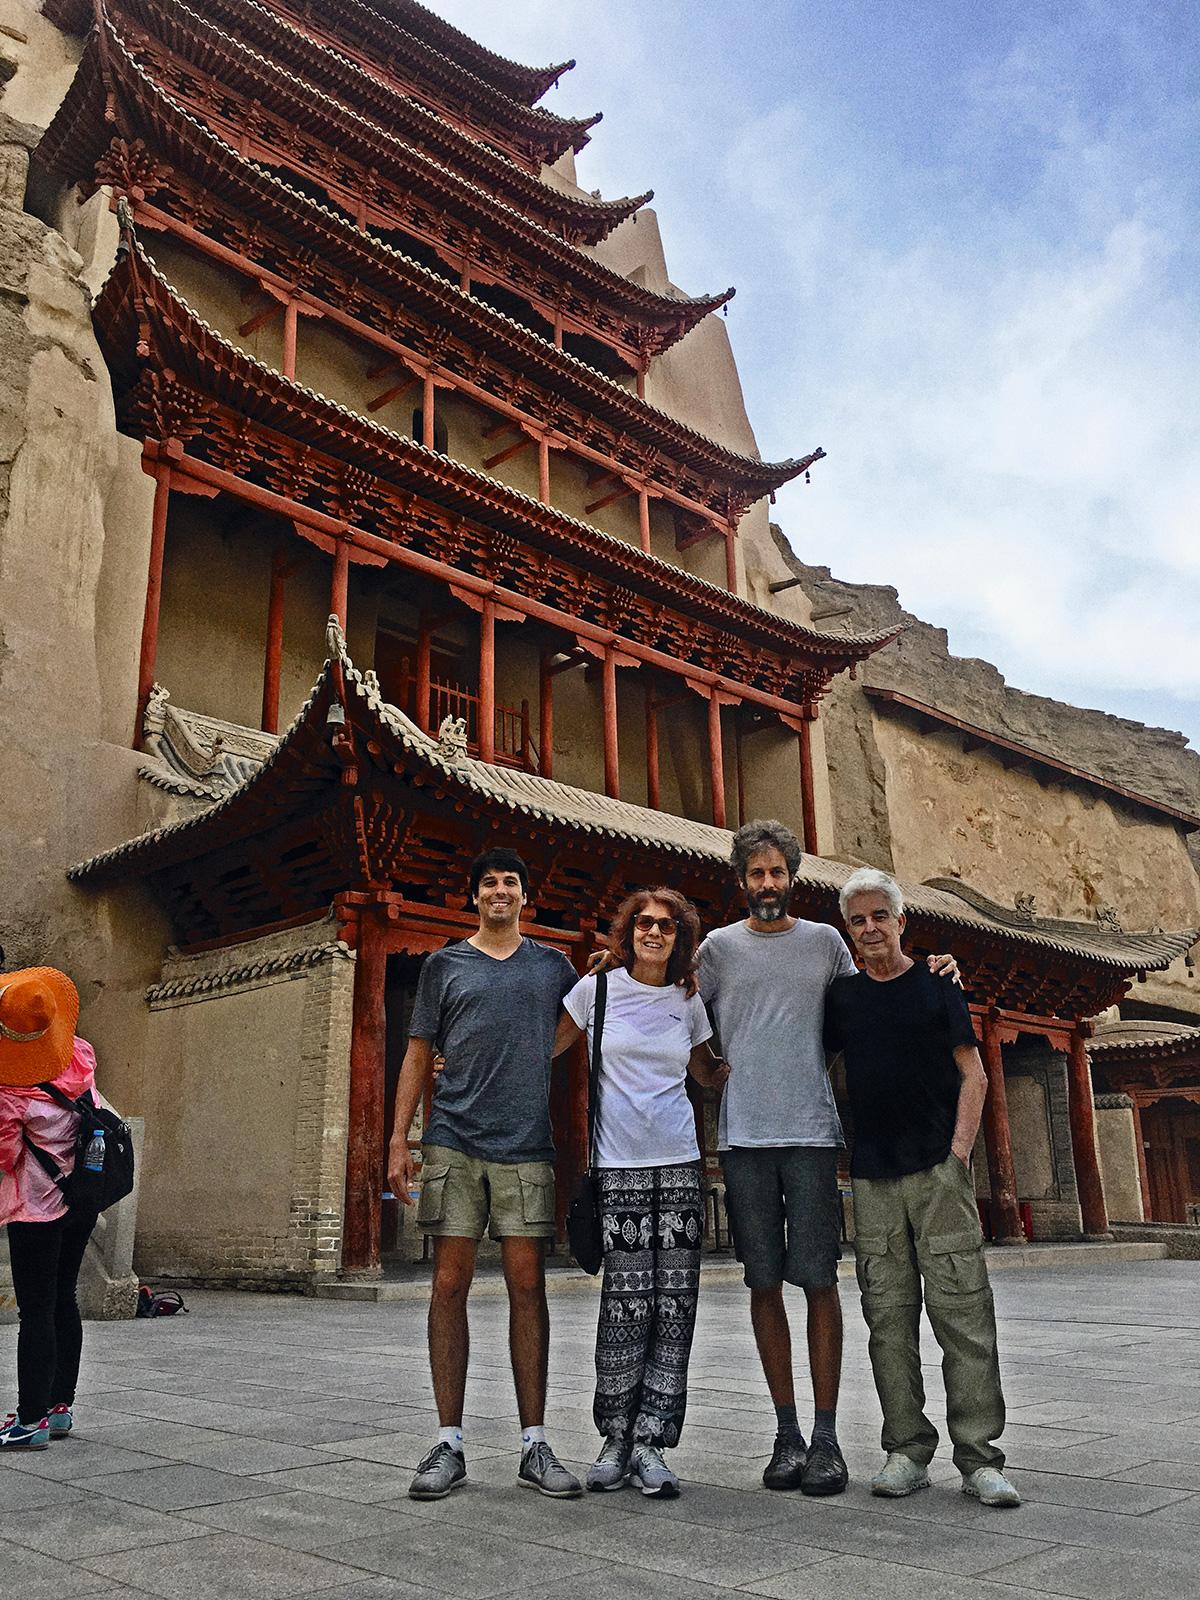 Na última foto em família, feita na China, estamos todos sorridentes, numa combinação entre o esforço de parecermos felizes e a sensação sincera de que era um privilégio estar ali